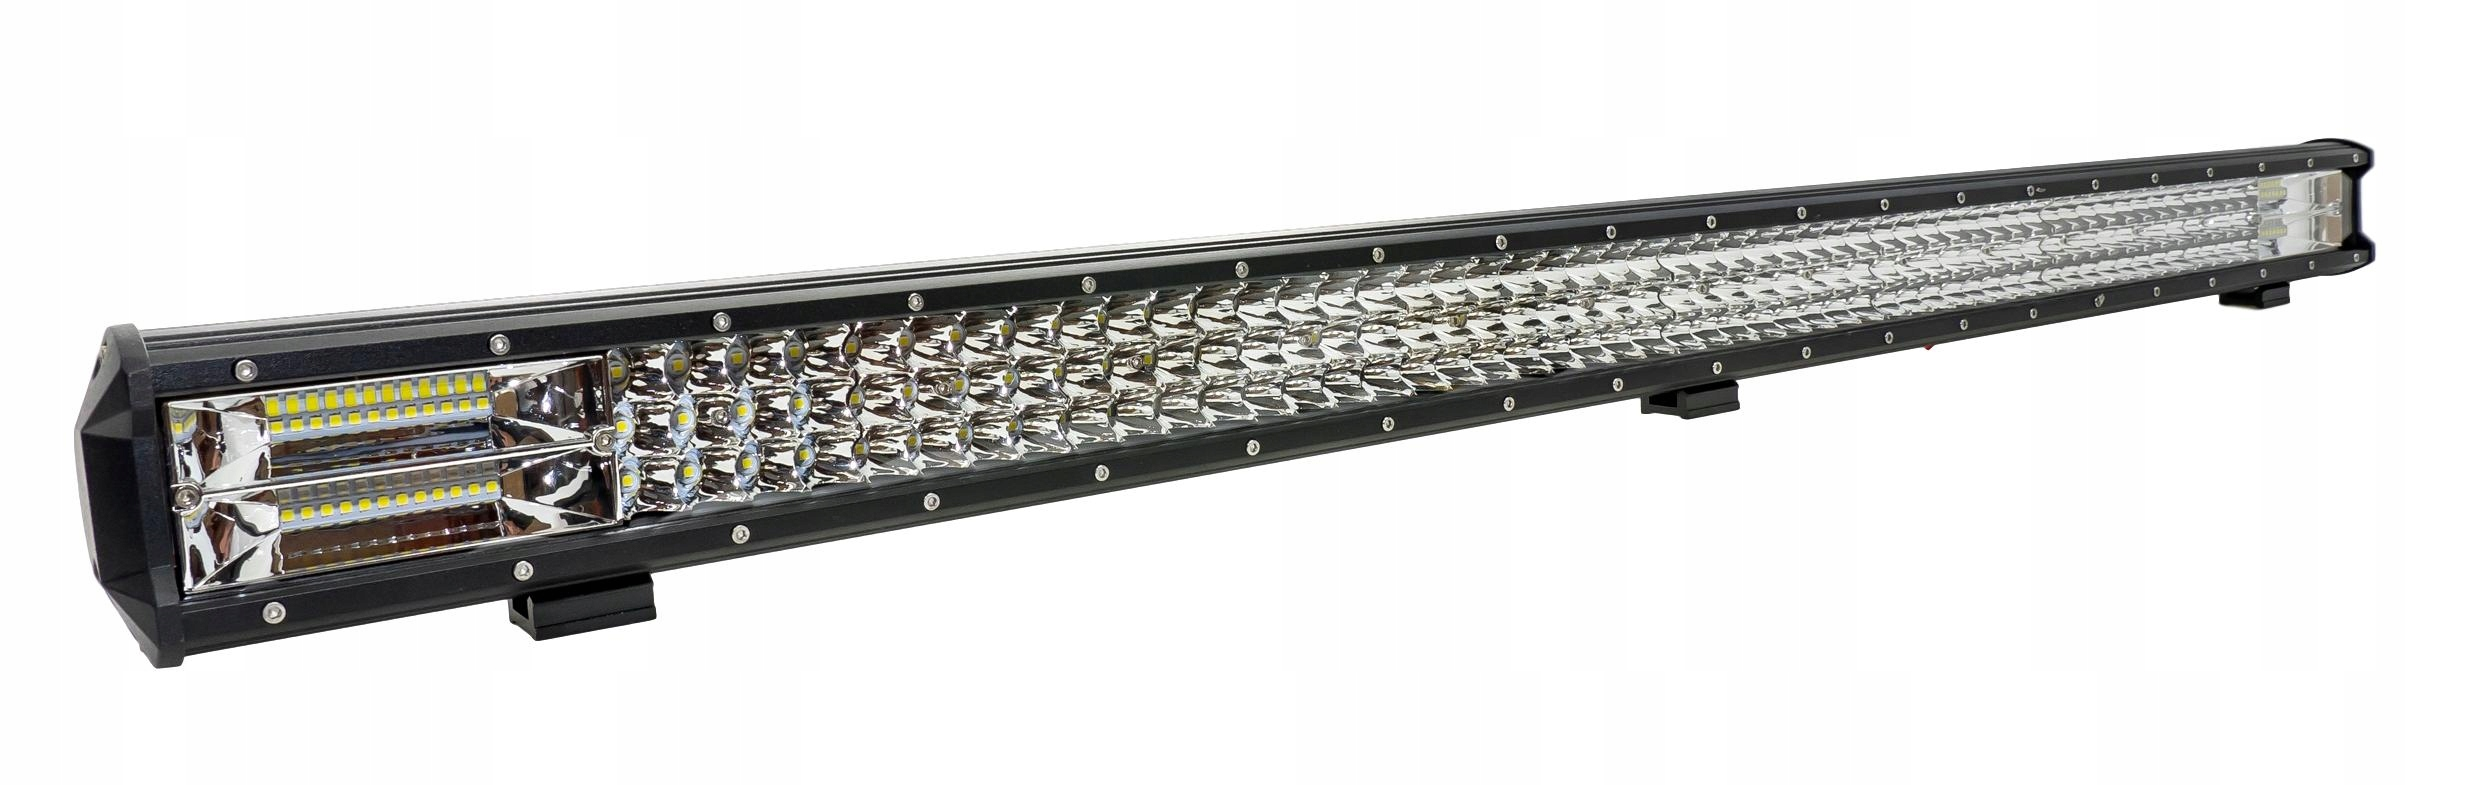 лампа рабочая галоген панель led комбо 612 w 115 см